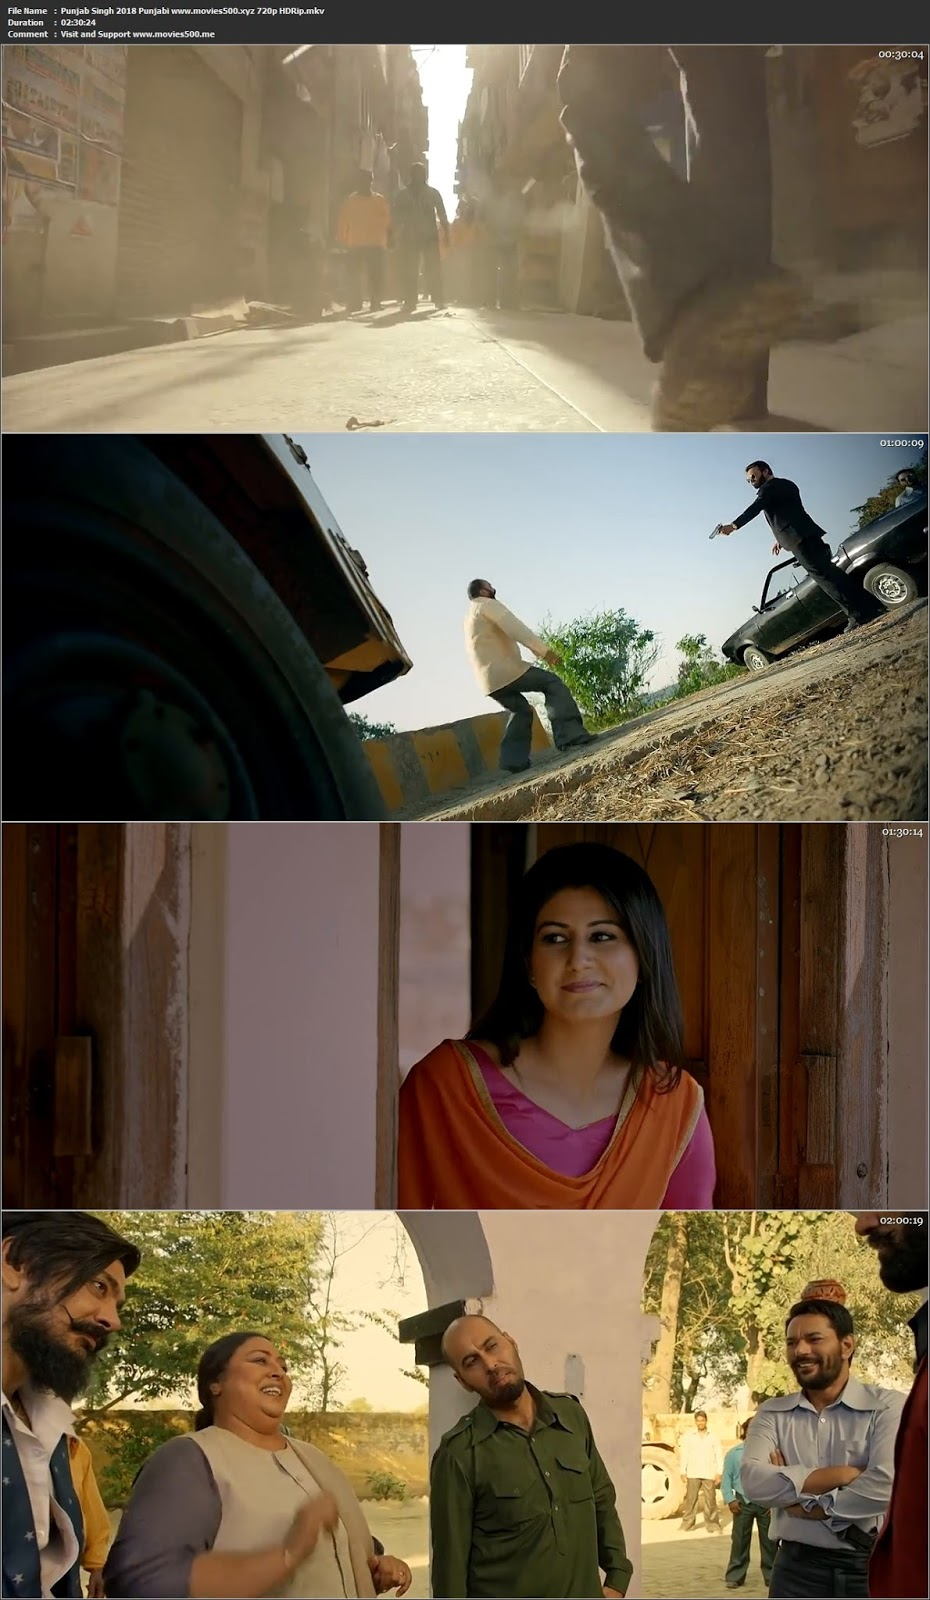 Punjab Singh 2018 Punjabi Full Movie HDRip 720p at alnoorhayyathotels.com